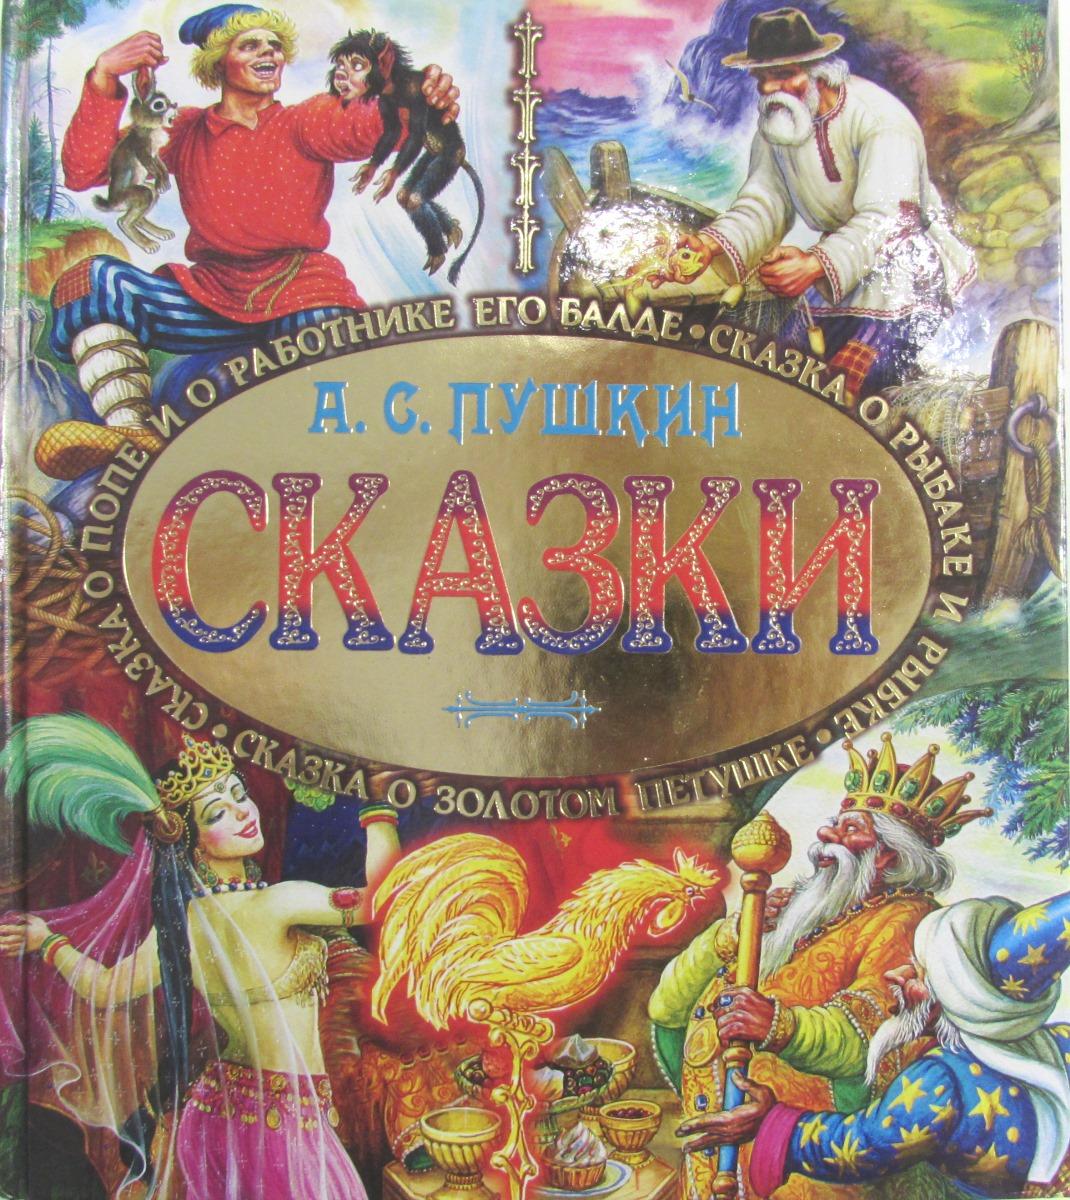 купить А.С. Пушкин А.С. Пушкин. Сказки по цене 433 рублей